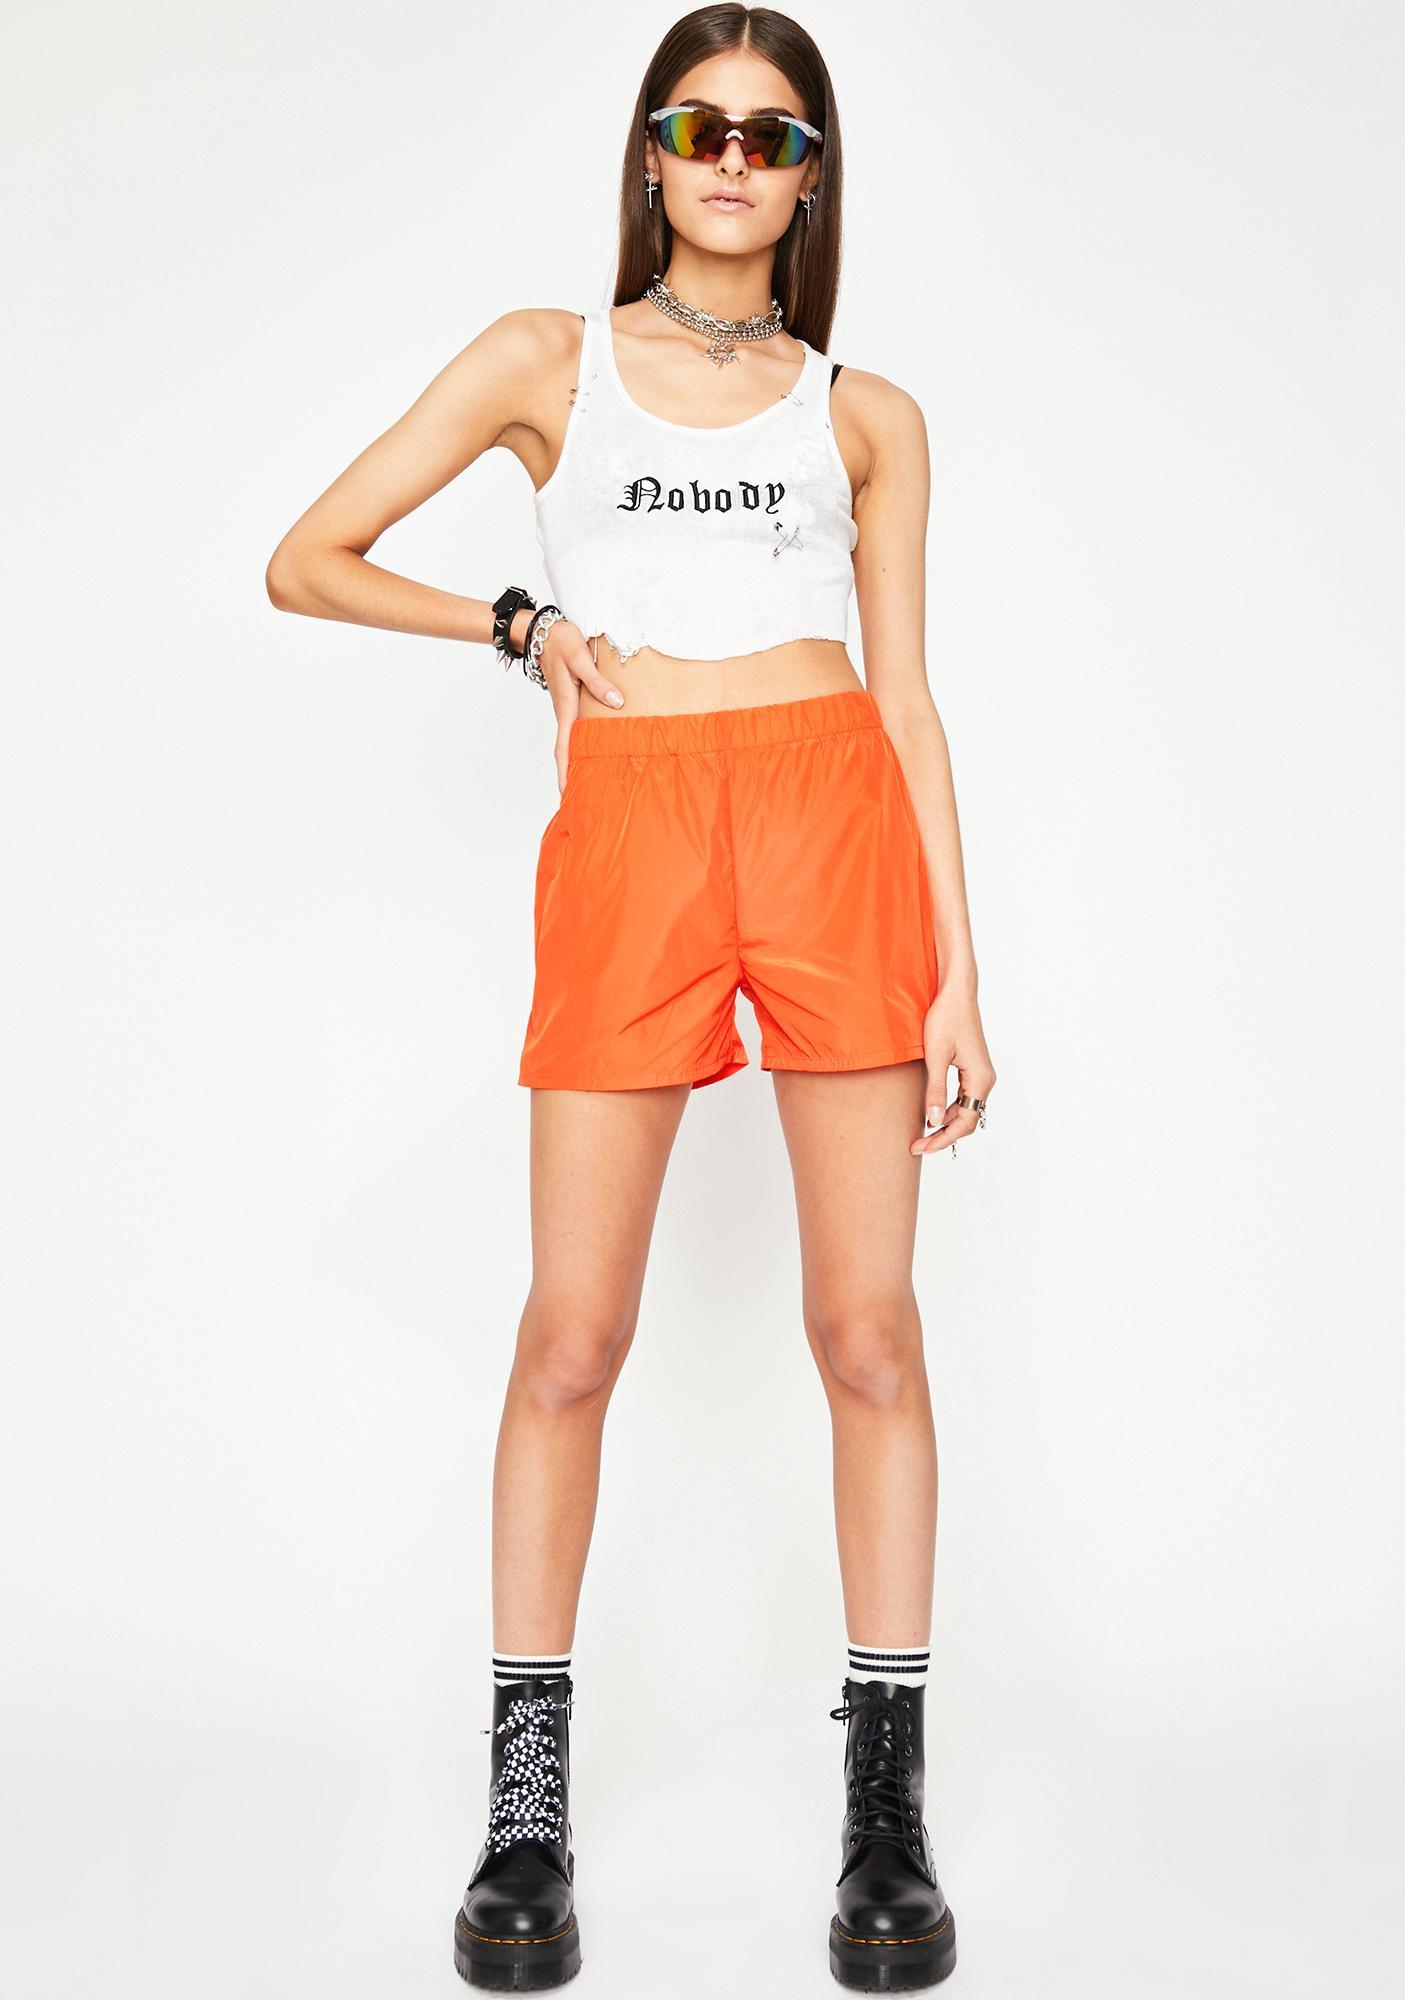 Alley Cat Nylon Shorts